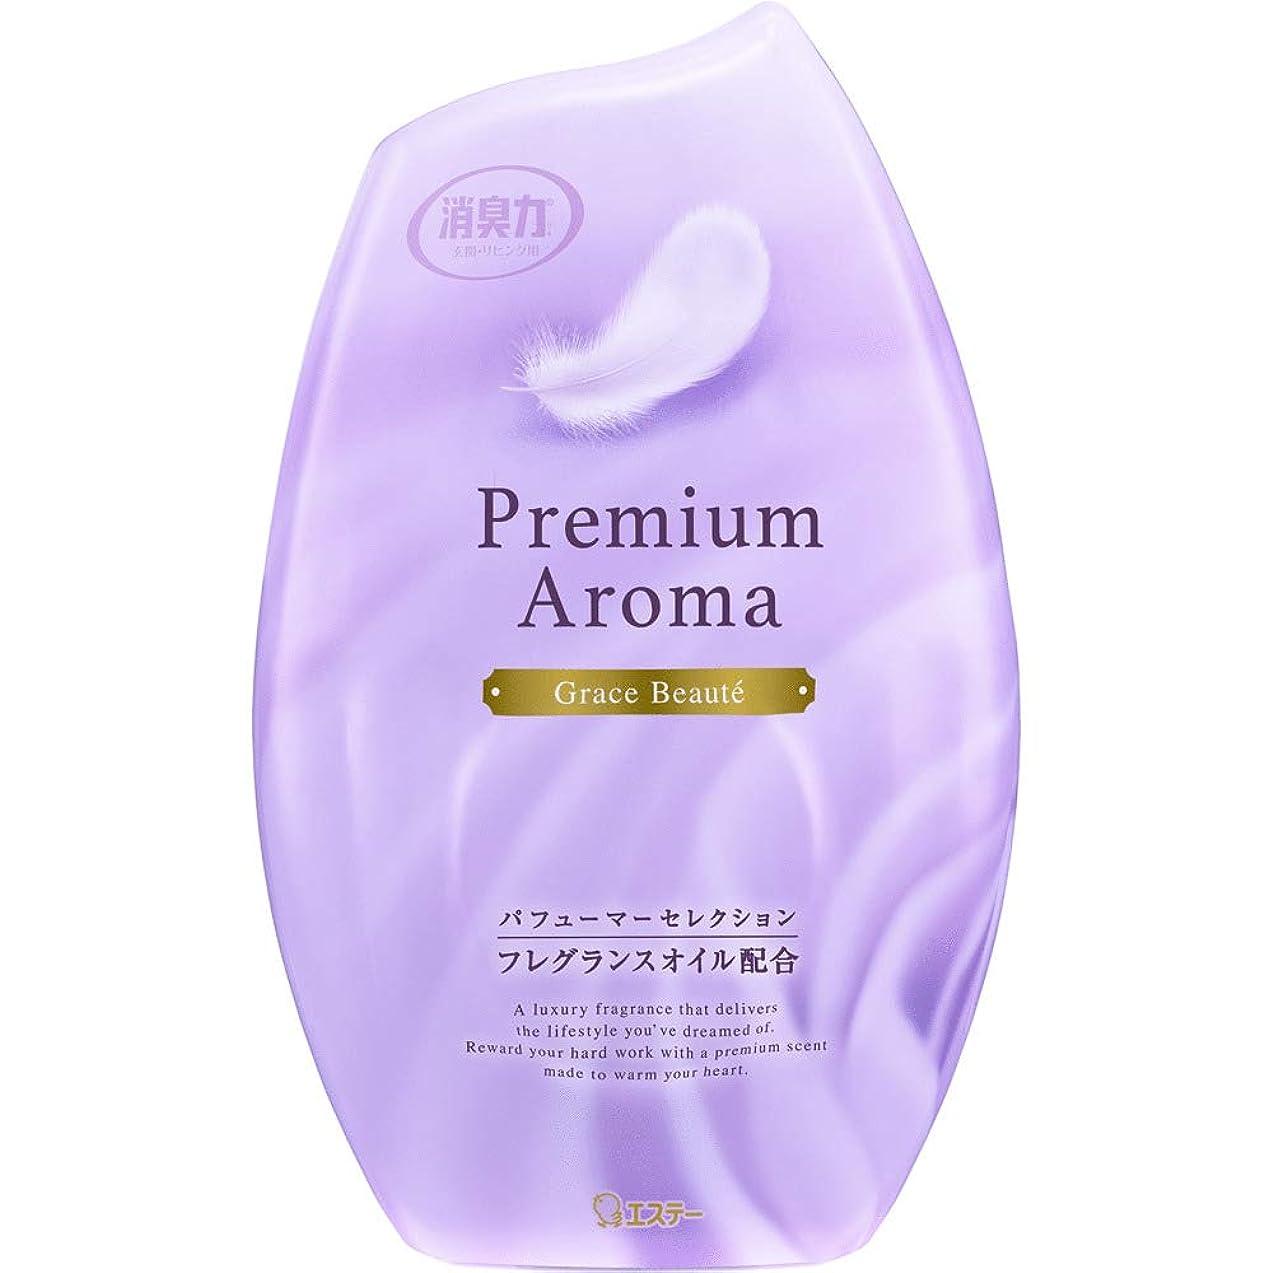 悲しい口頭現実お部屋の消臭力 プレミアムアロマ Premium Aroma 消臭芳香剤 部屋用 グレイスボーテ 400ml